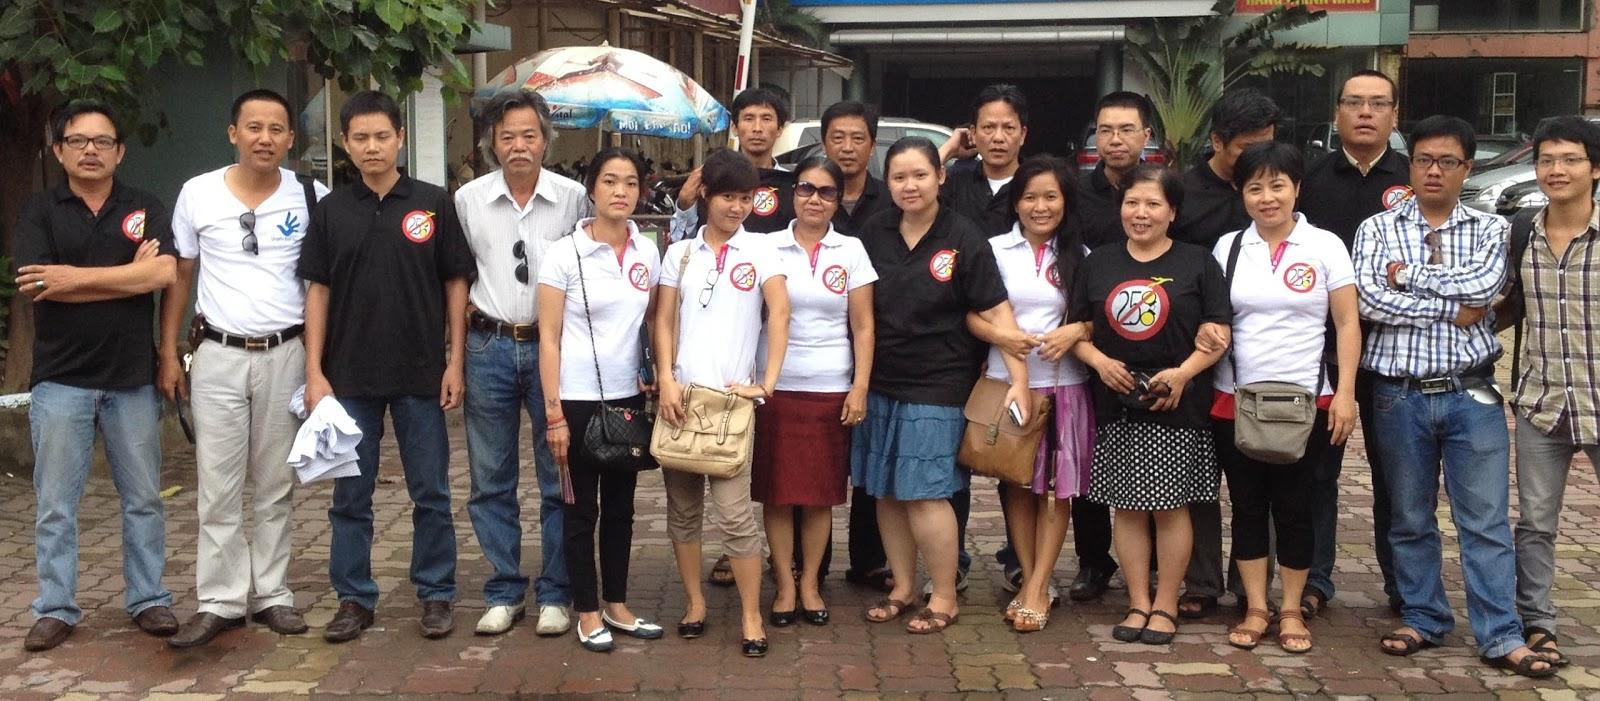 bloggerVN-Hanoi-Aug25-20